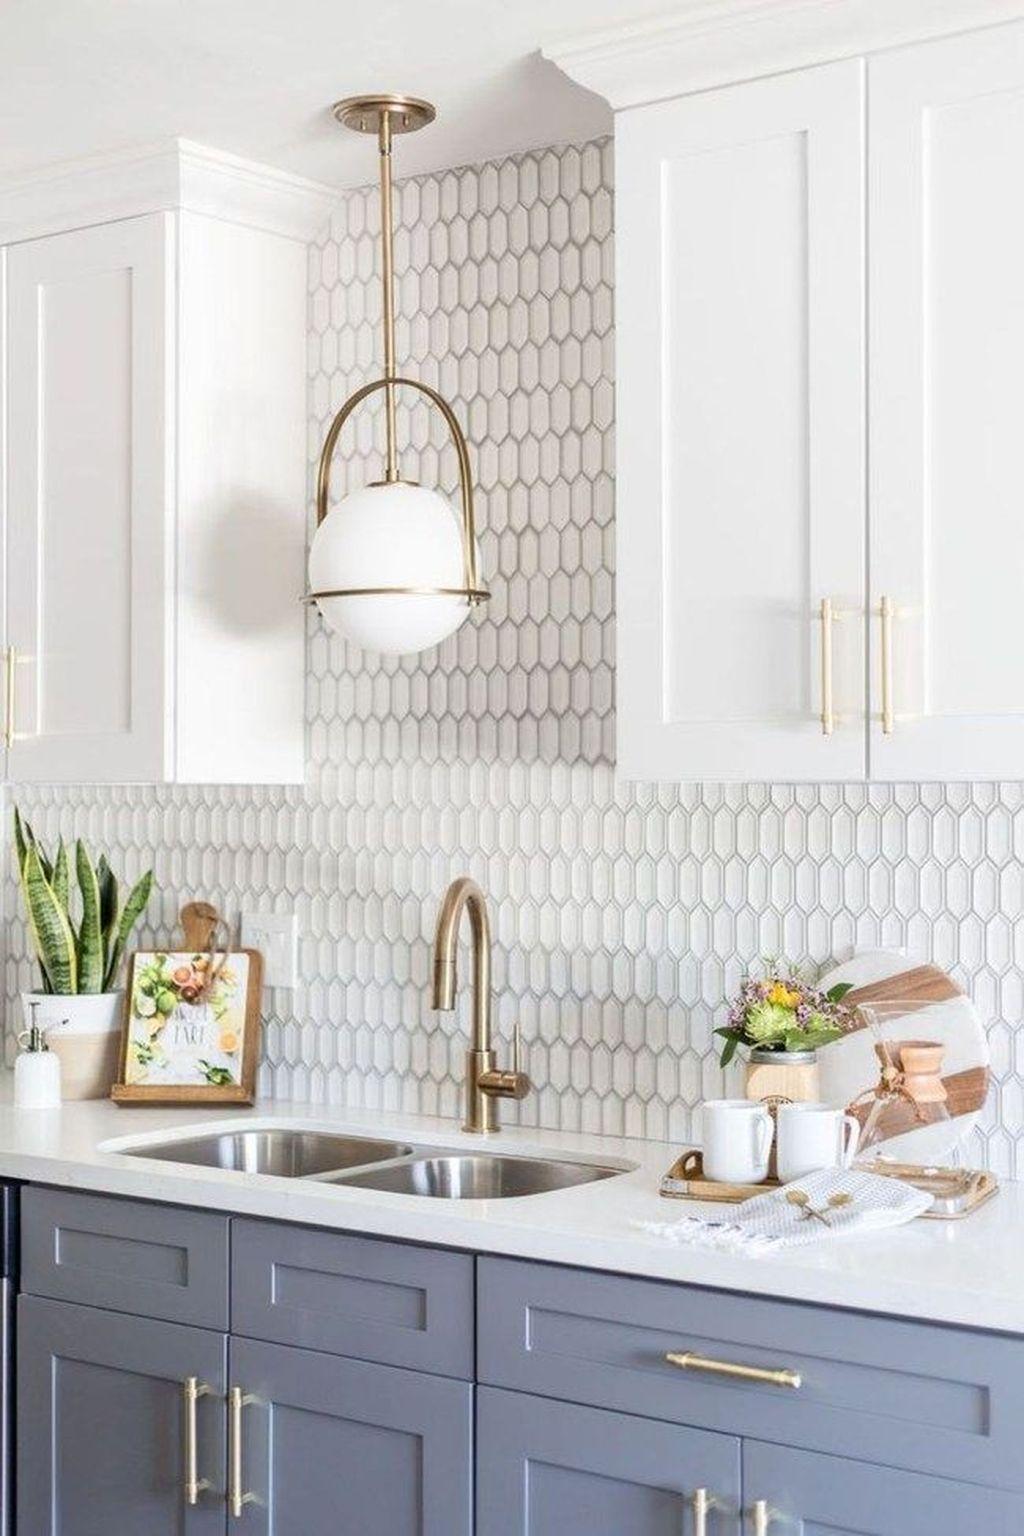 Latest Modern 2020 Kitchen Backsplash Trends - Dining Roomdev